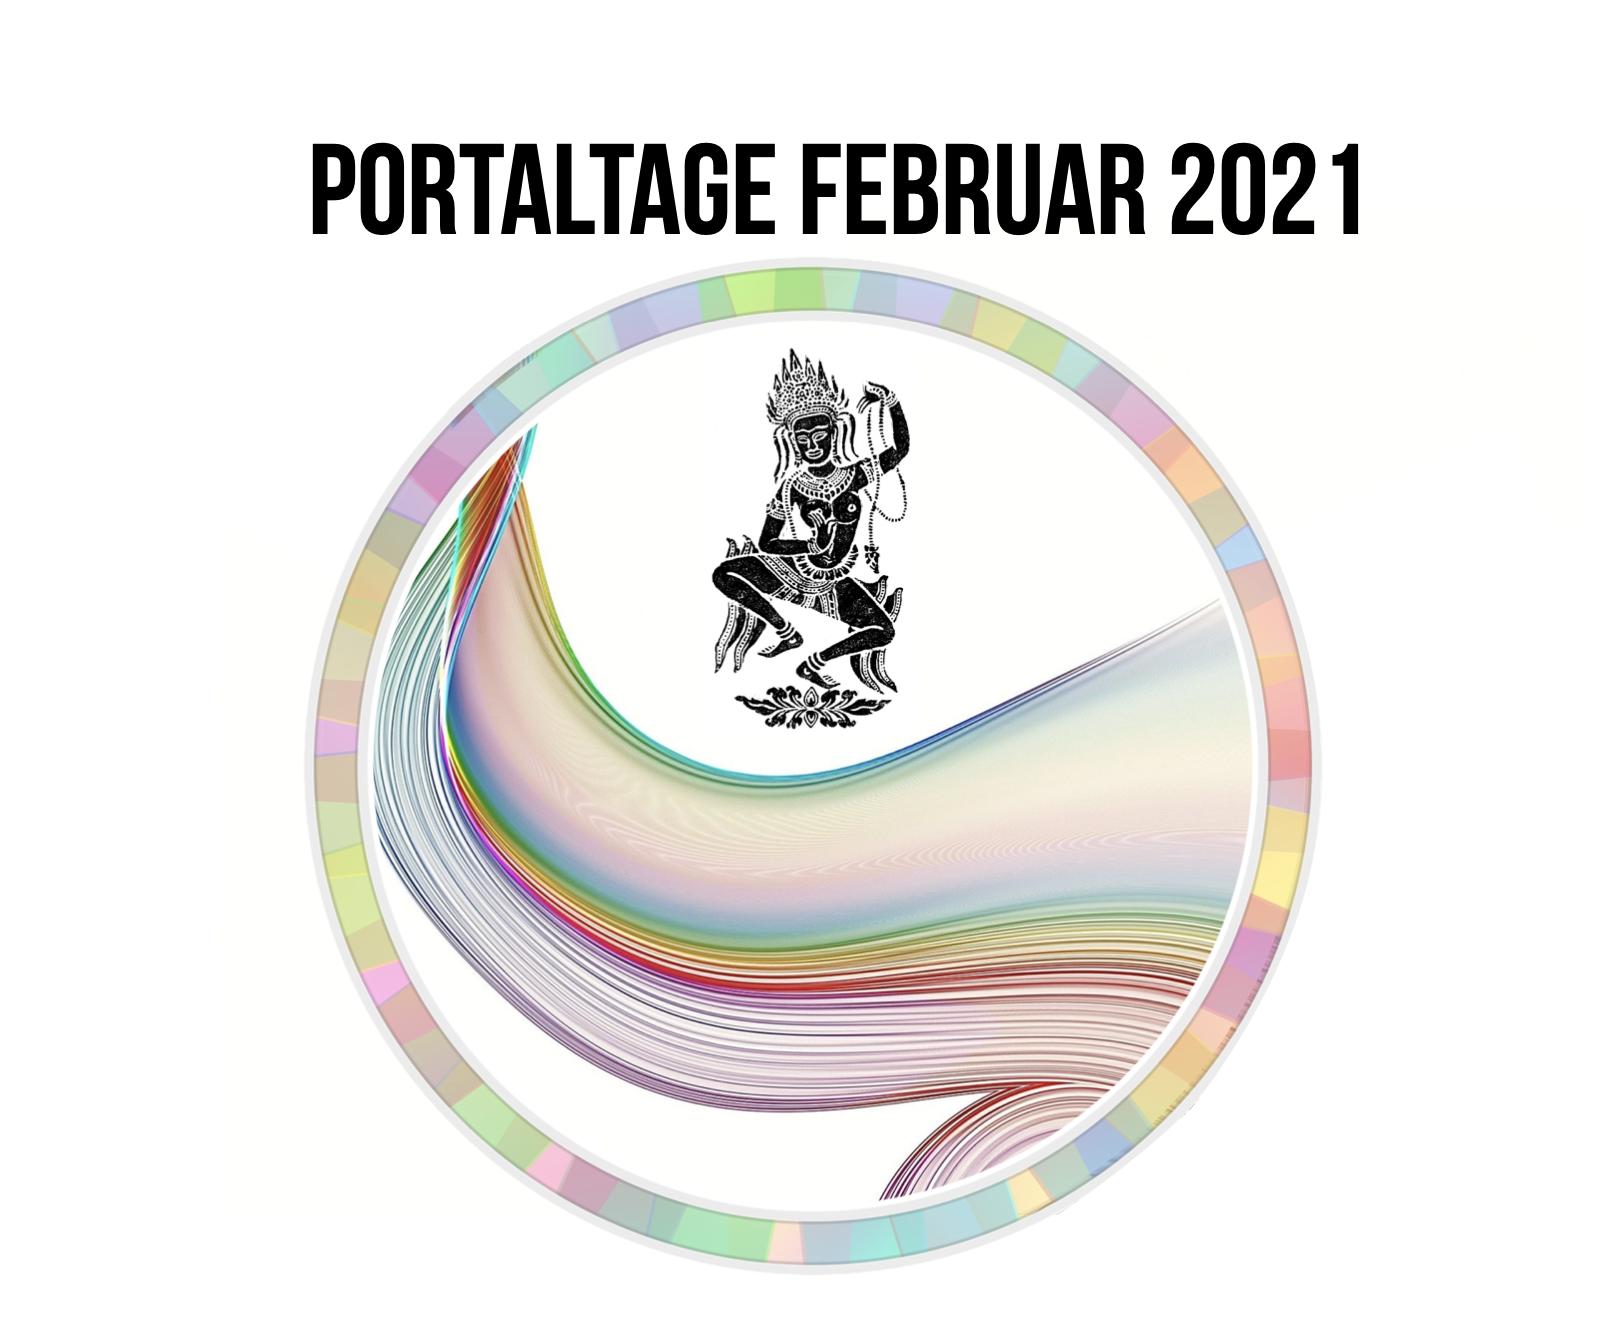 Portaltage im Februar 2021